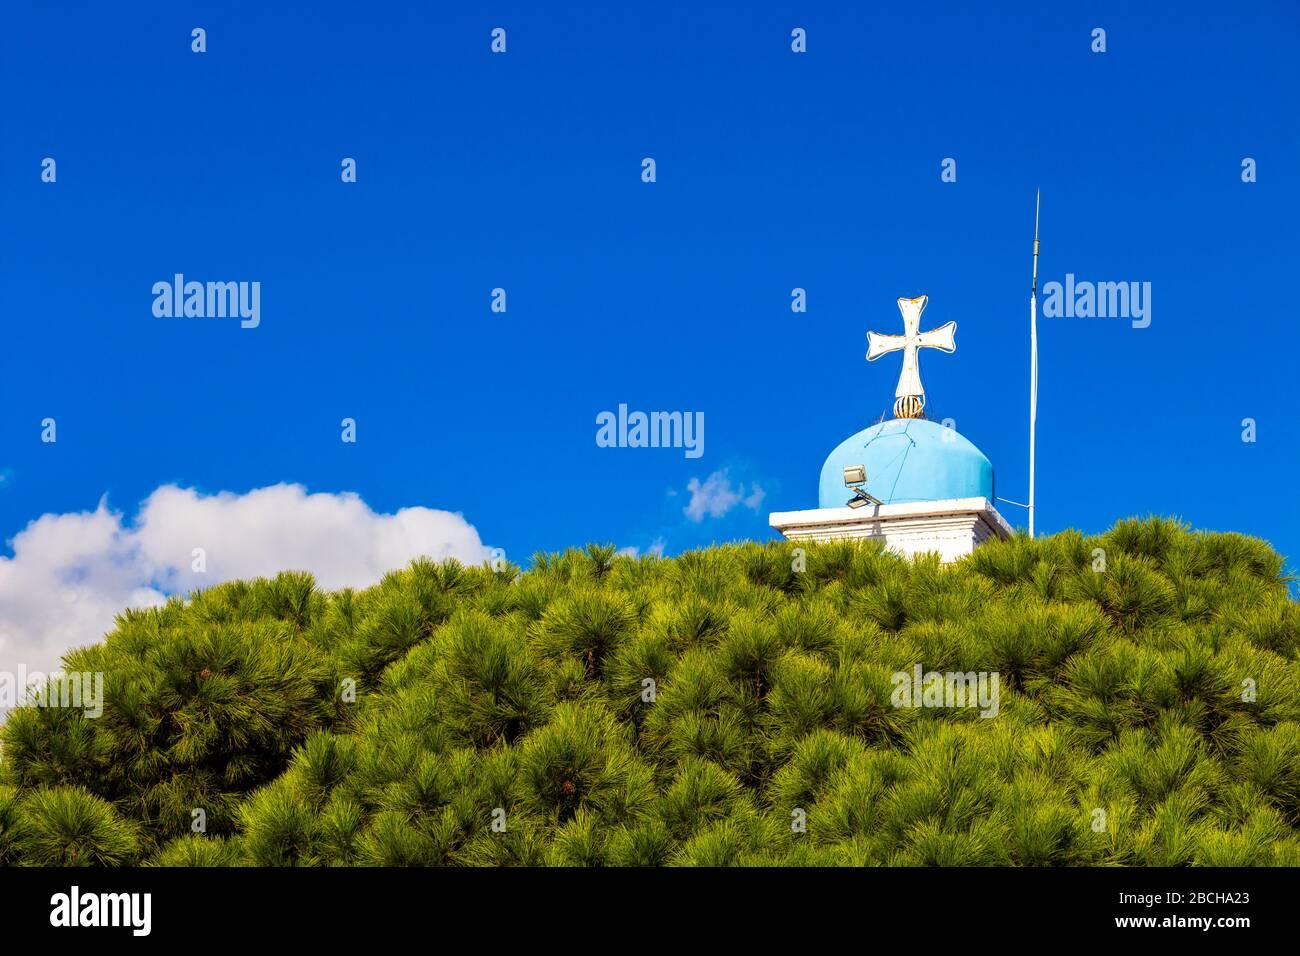 Église orthodoxe du Monastère de Saint-Nicolas dans le lac Vistonida, Porto Lagos, unité régionale Xanthi, Grèce, clocher vue partielle contre le ciel Banque D'Images